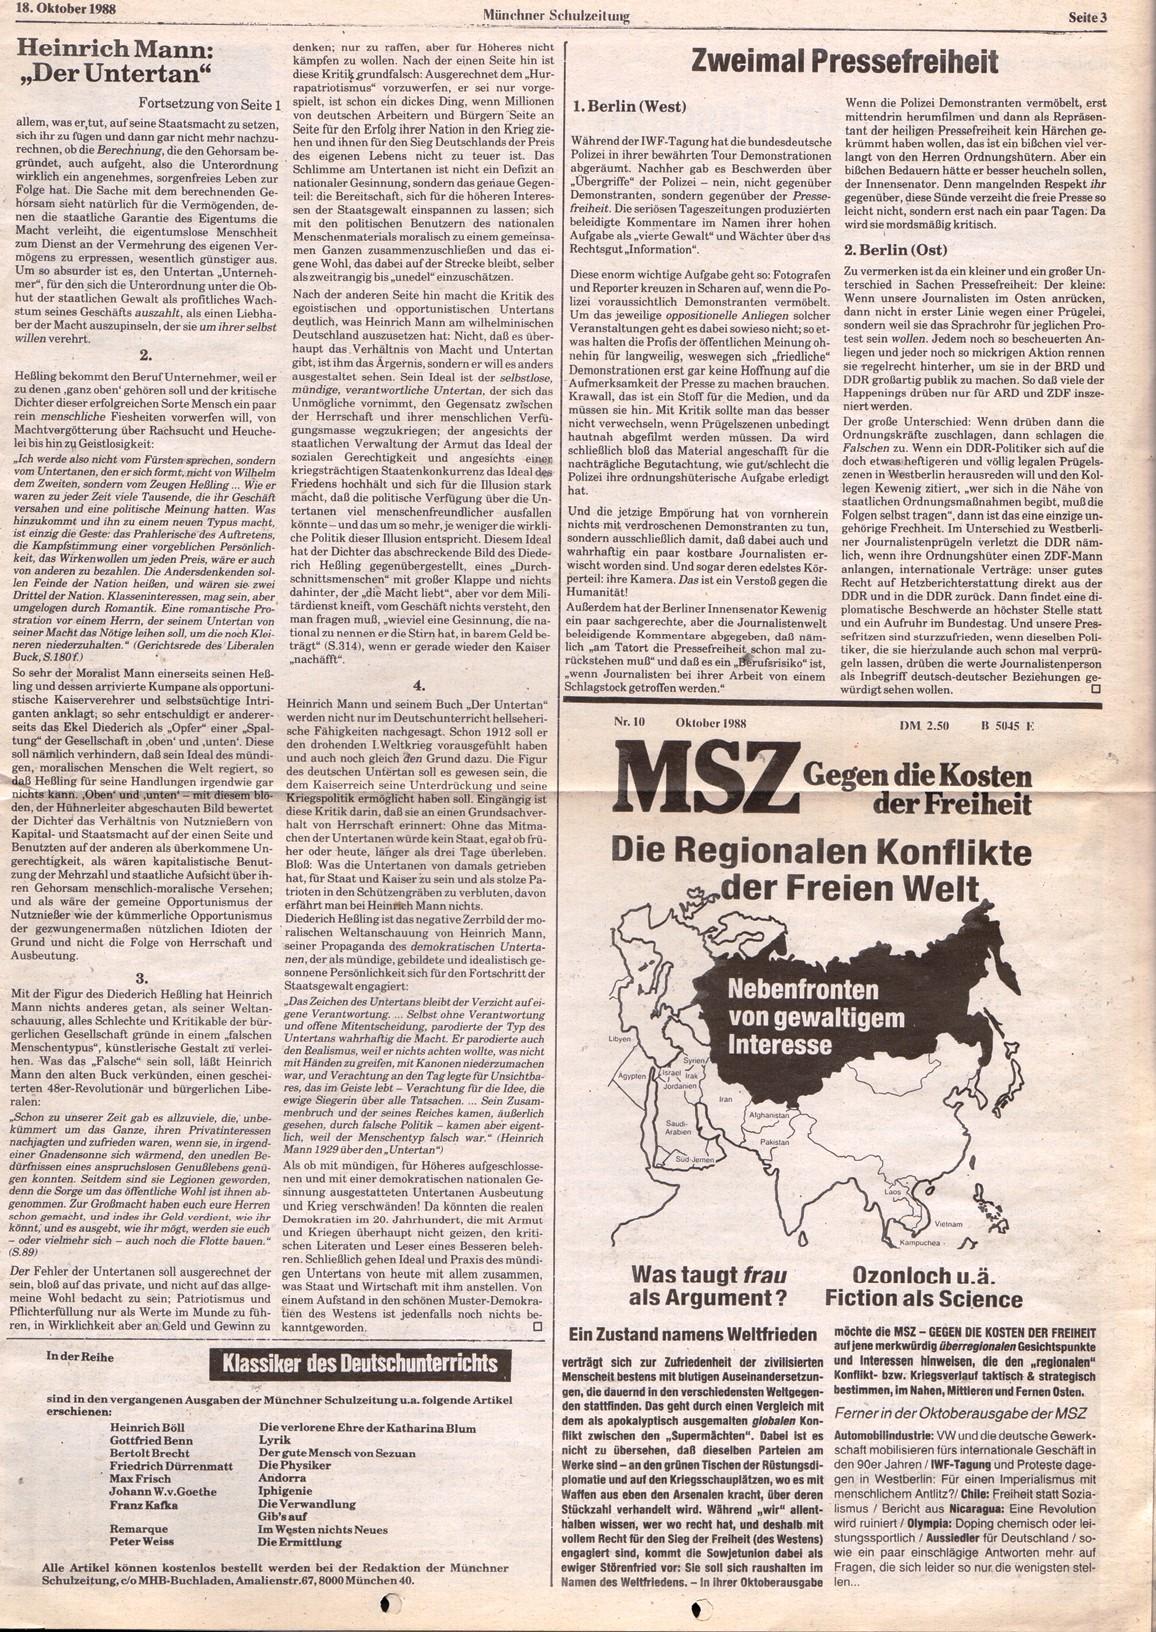 Muenchen_MG_Schulzeitung_19881018_03